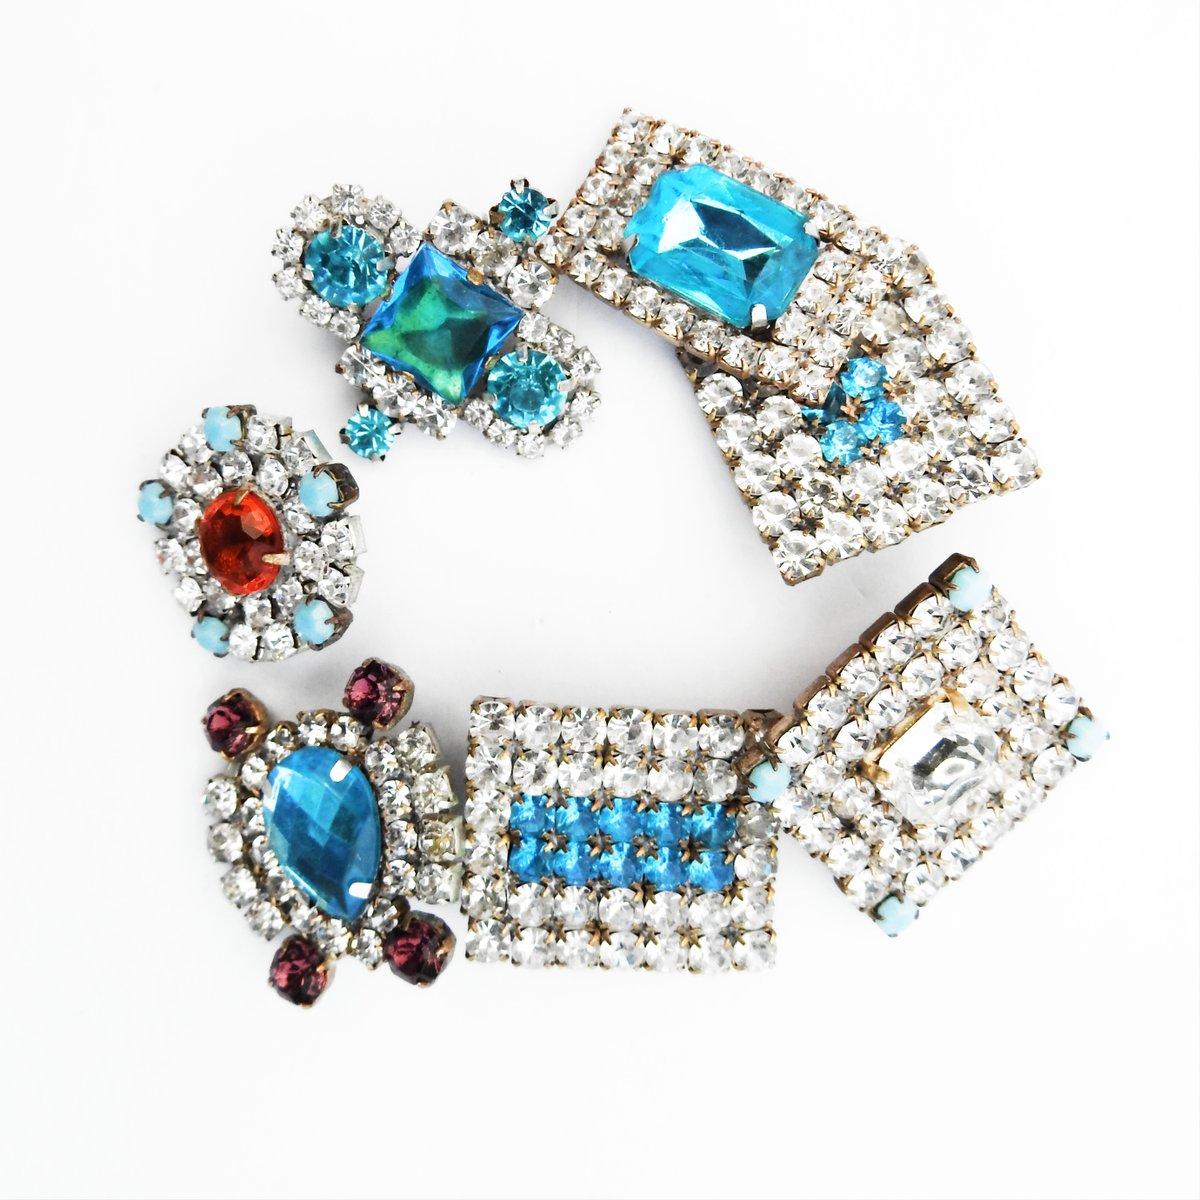 #etsyshop 💝   #jewelry_making #makingjewelry #jewelrymakingsupplies #diyjewelrymaking #jewelrystore #jewelrystyle #jewelrymaker #jewelrydesigns #jewelryoftheday #bijoux #bracelets #buttonjewelry #buttons #womeninbusiness #statement #bold #blue #czechglass